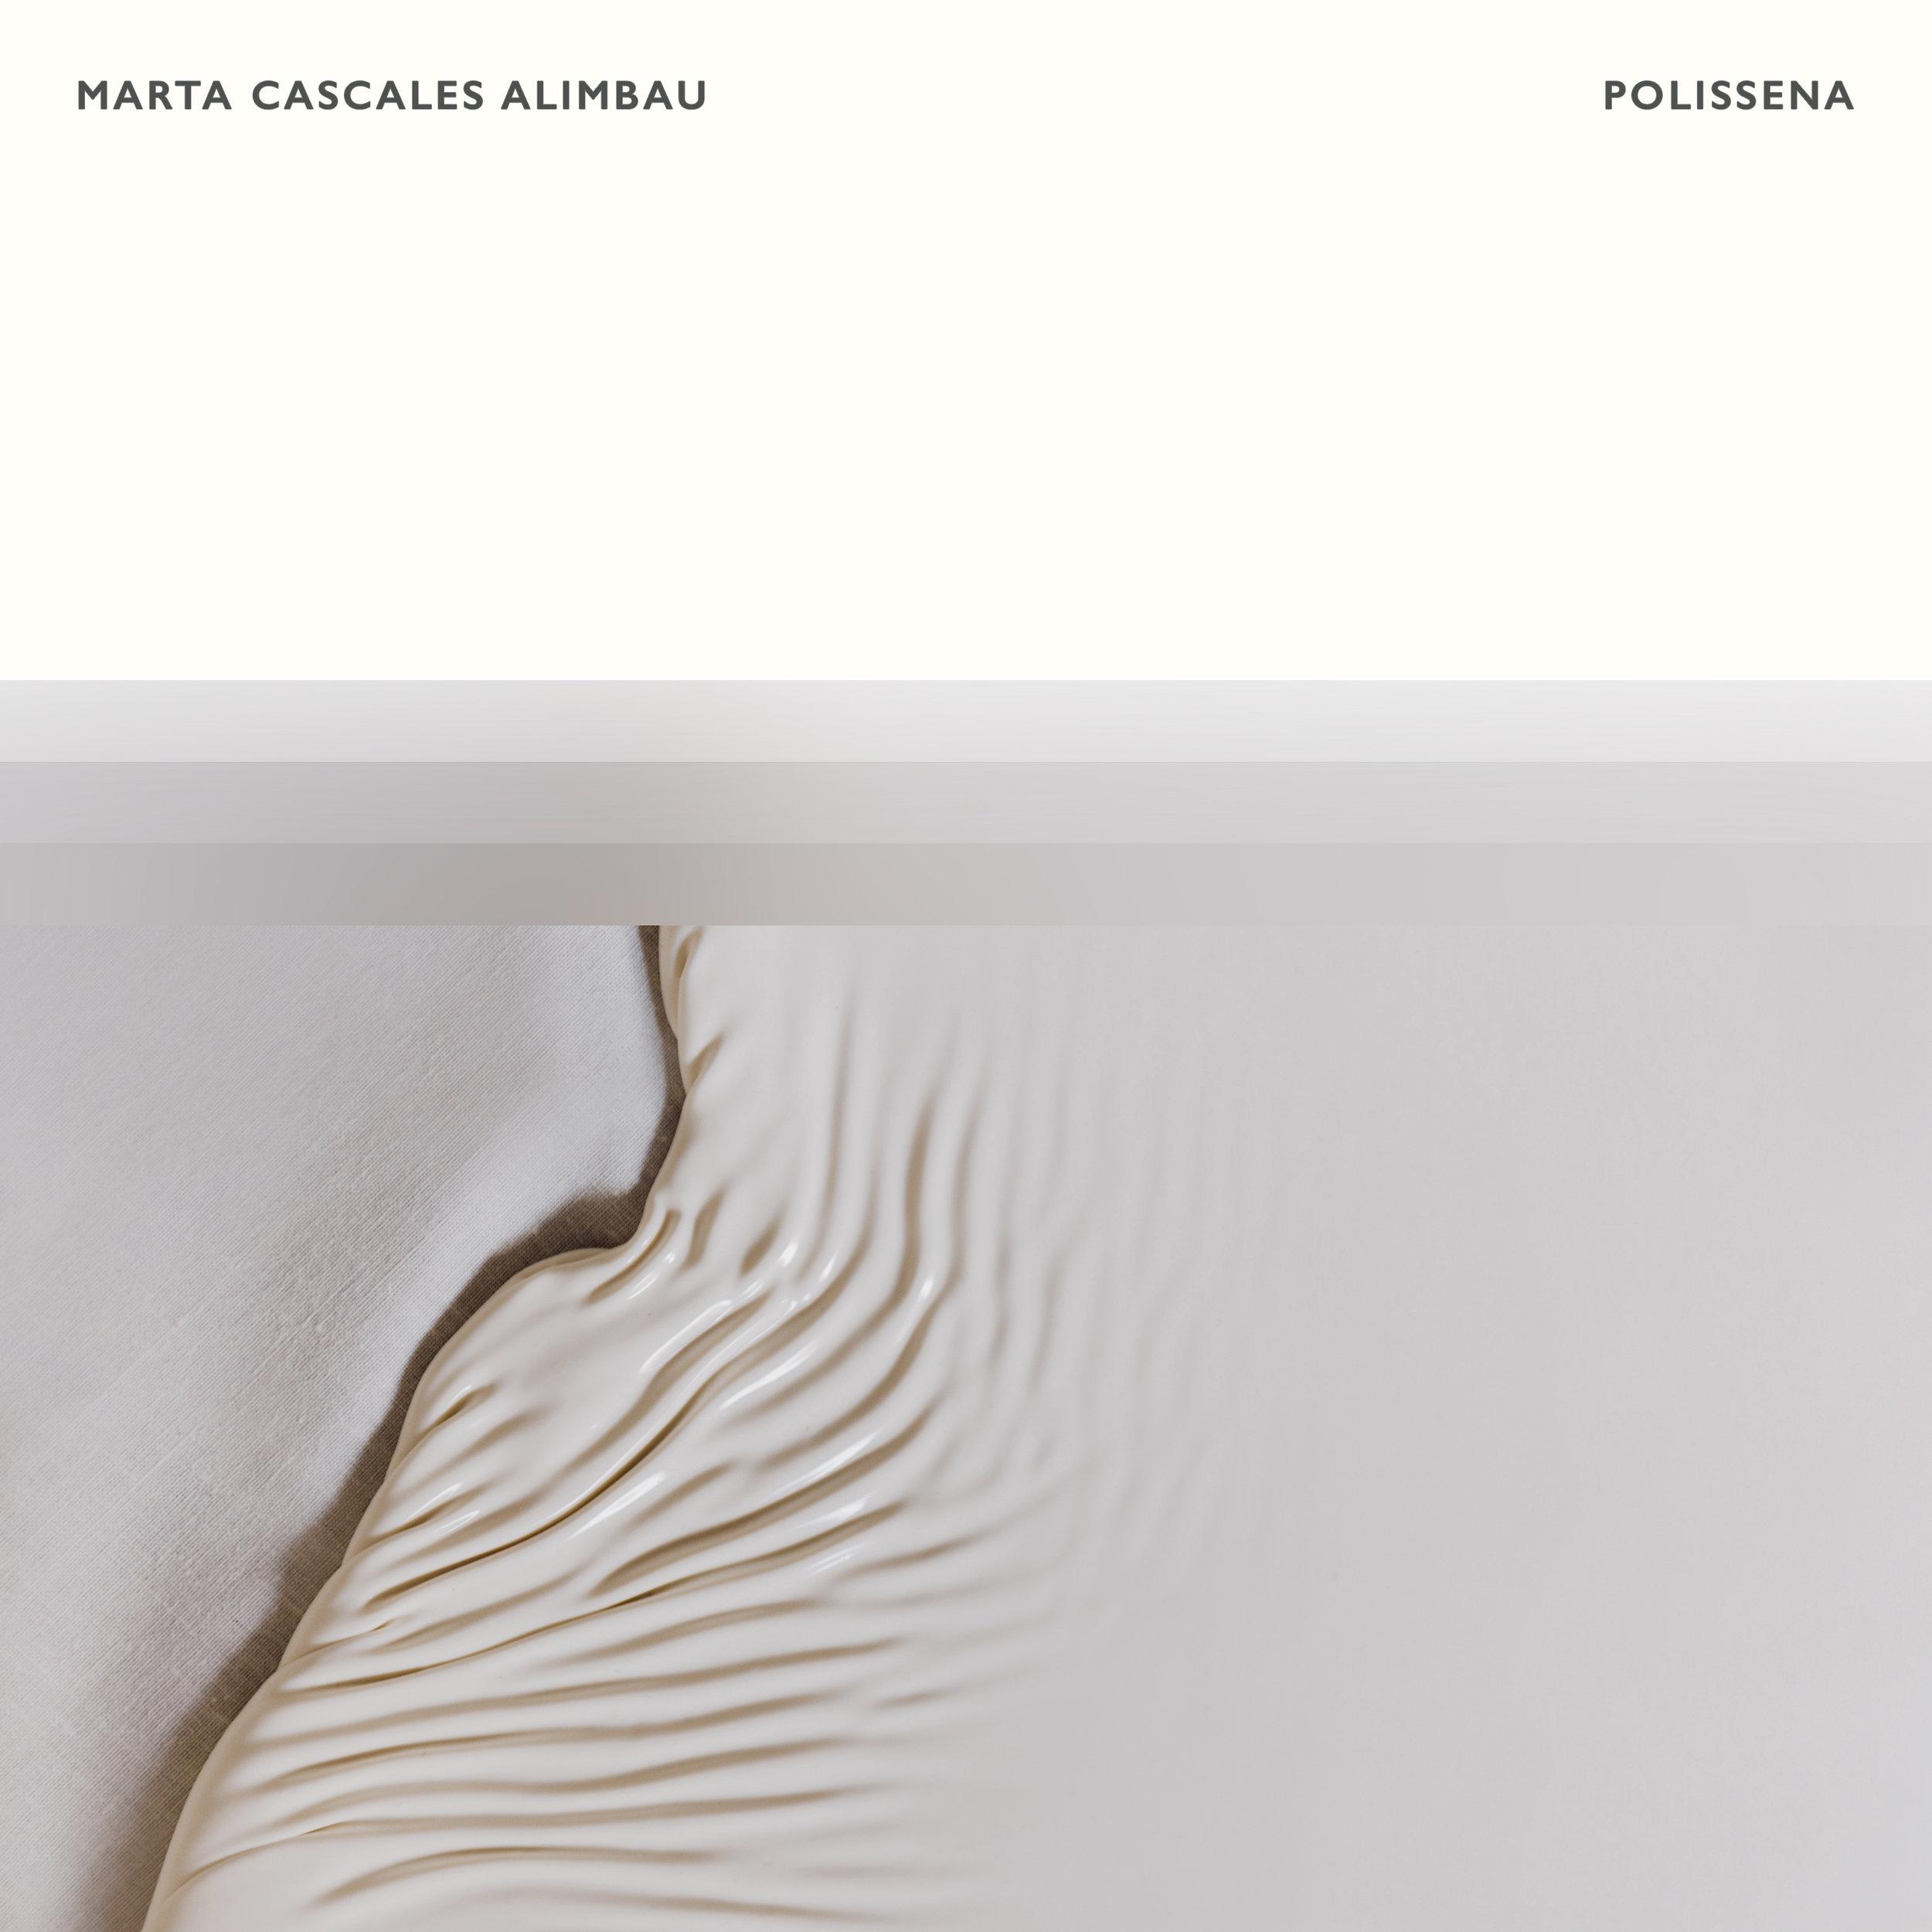 Marta Cascales Alimbau - Polissena